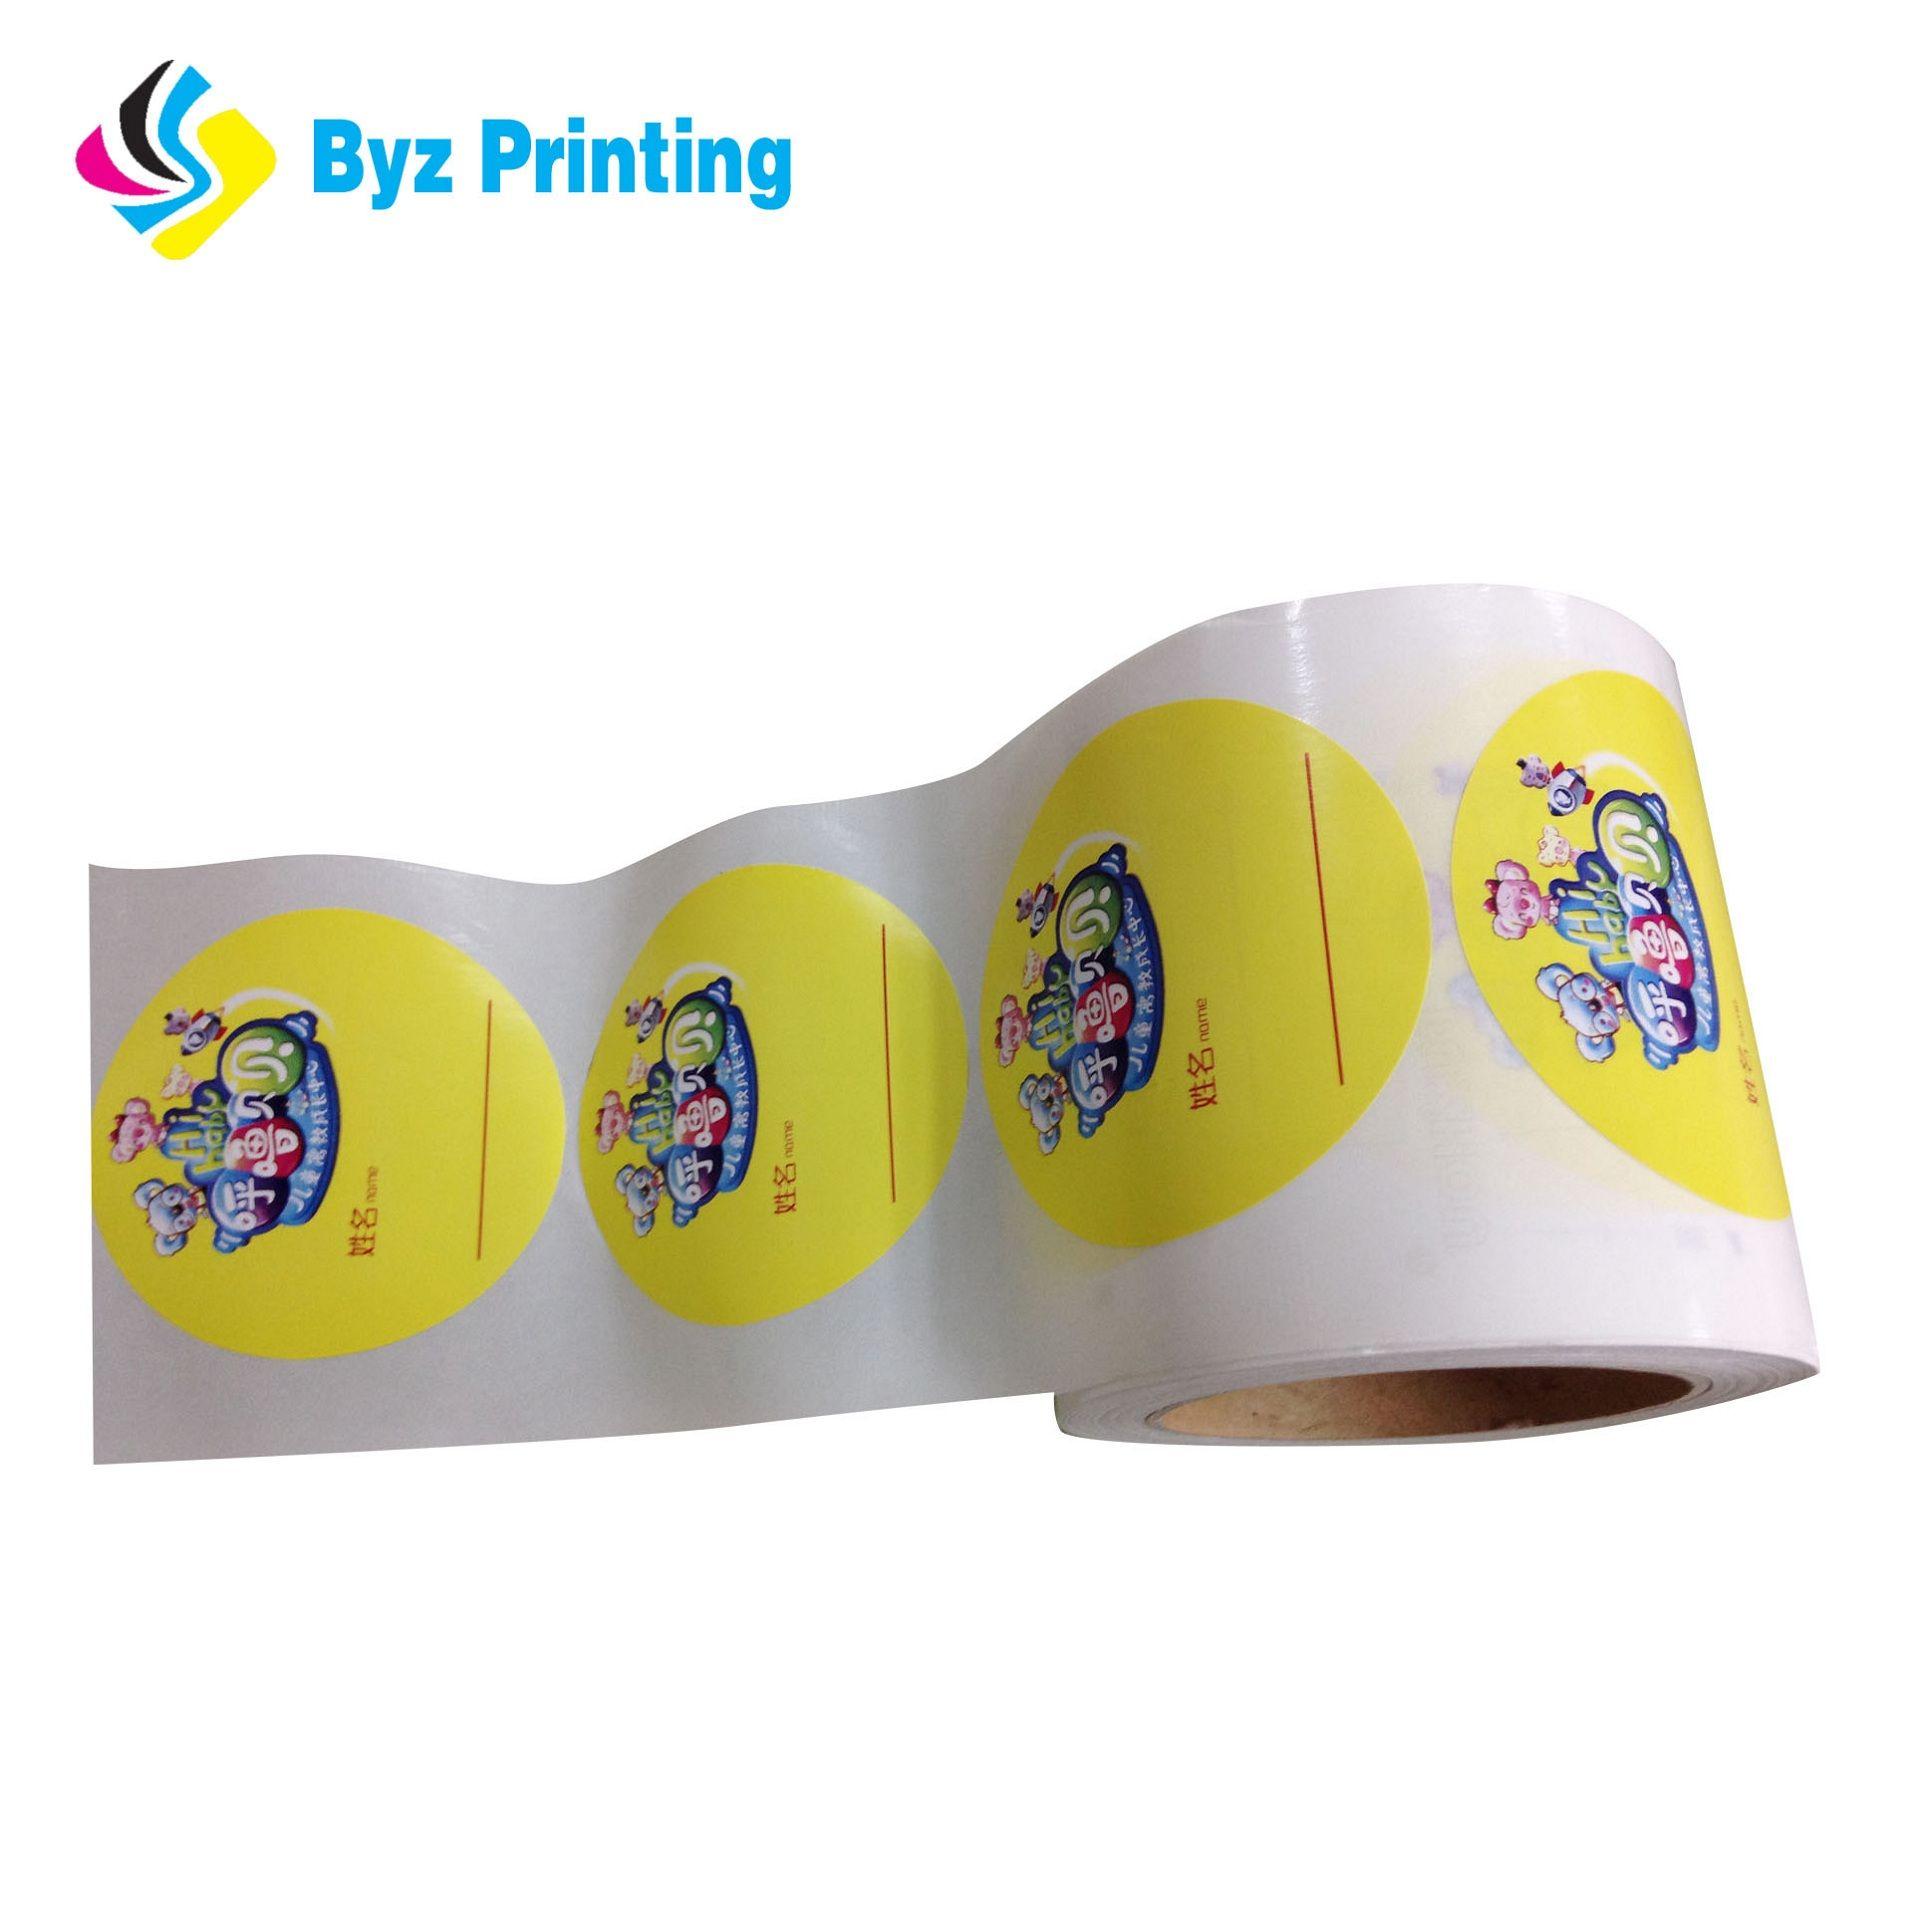 1c45c93a895ee Цена фабрики изготовленные на заказ водоустойчивые круглые ламинированные  самоклеющиеся наклейки Виниловые печать оптом